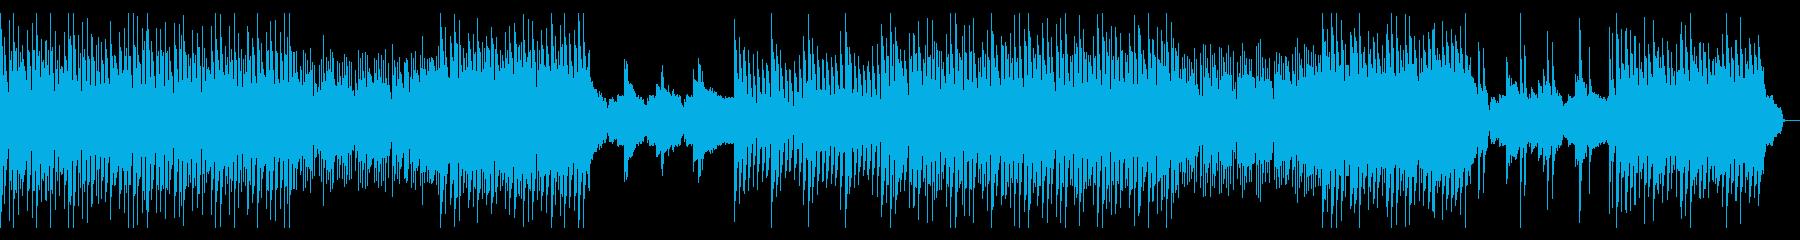 ギターとピアノの爽やかで綺麗なBGMの再生済みの波形